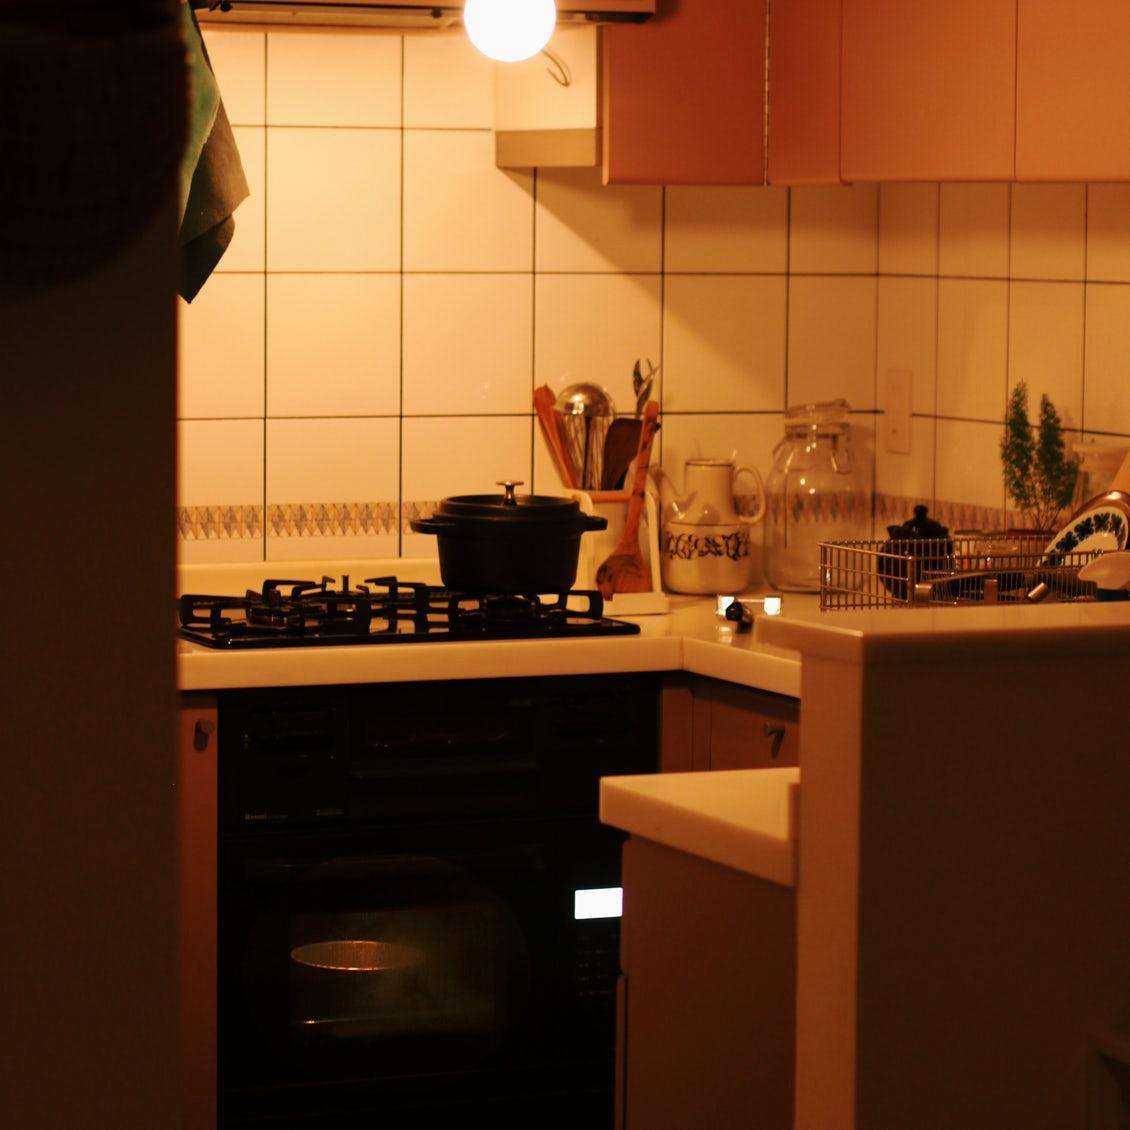 【バレンタインと手作りお菓子】夜更けのキッチンでつくりたい、簡単おやつレシピ5選